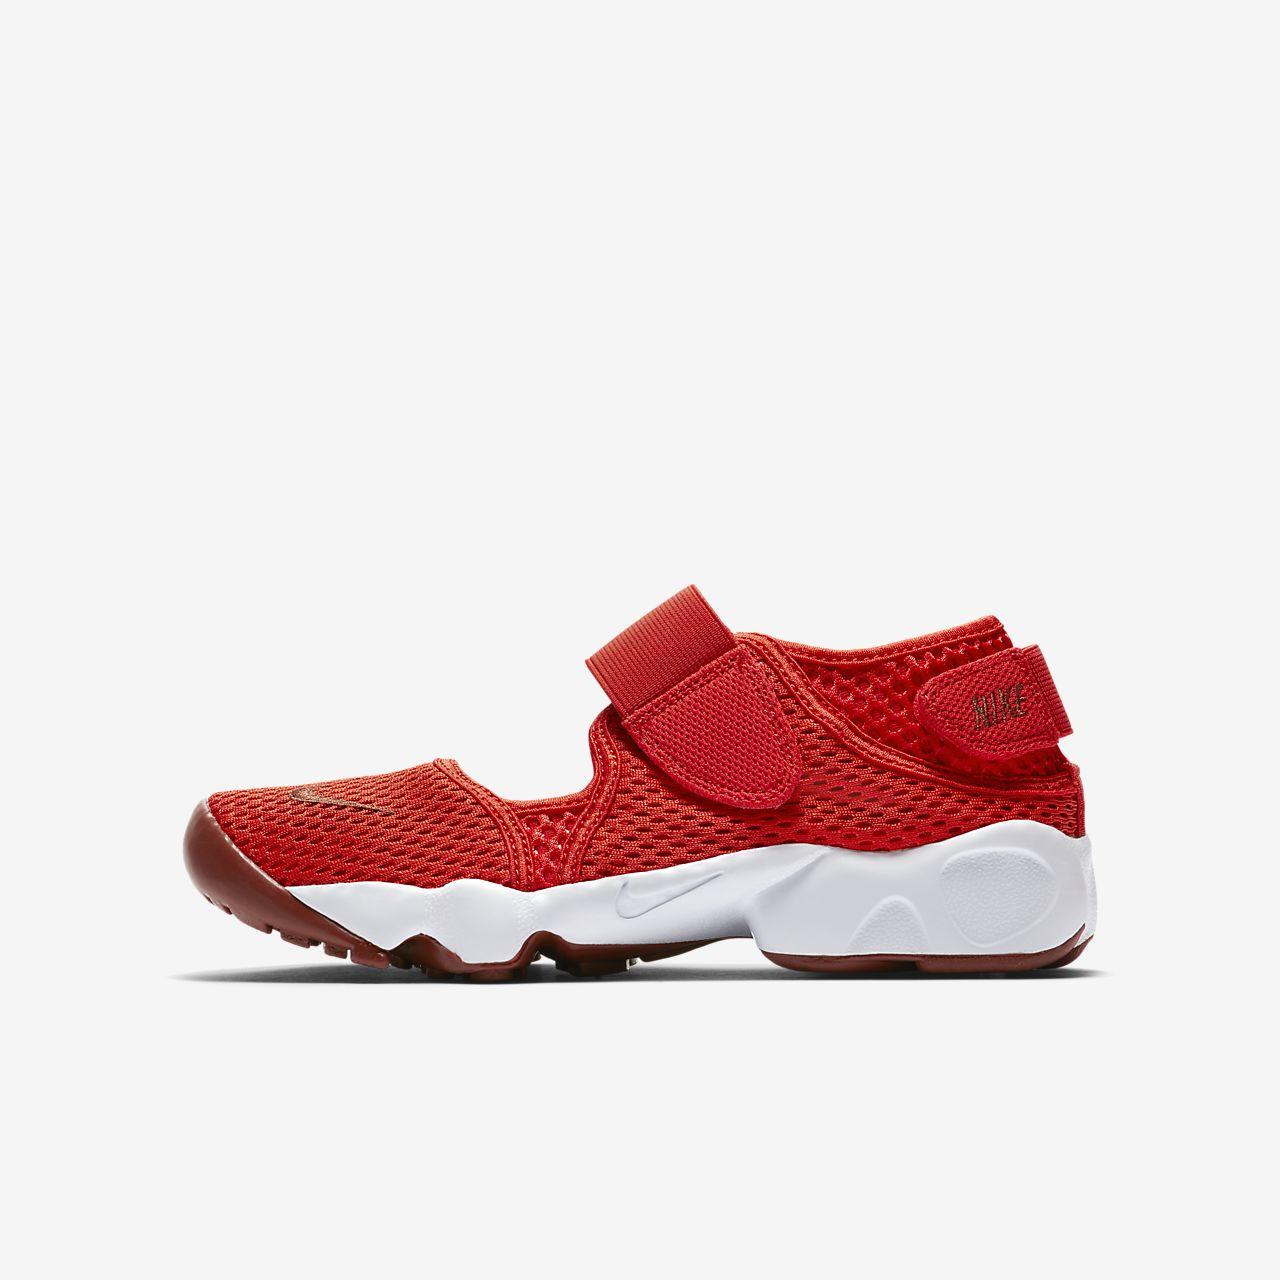 Nike Presto Fly Kleinkinderschuh - Cream WvqT9Gl